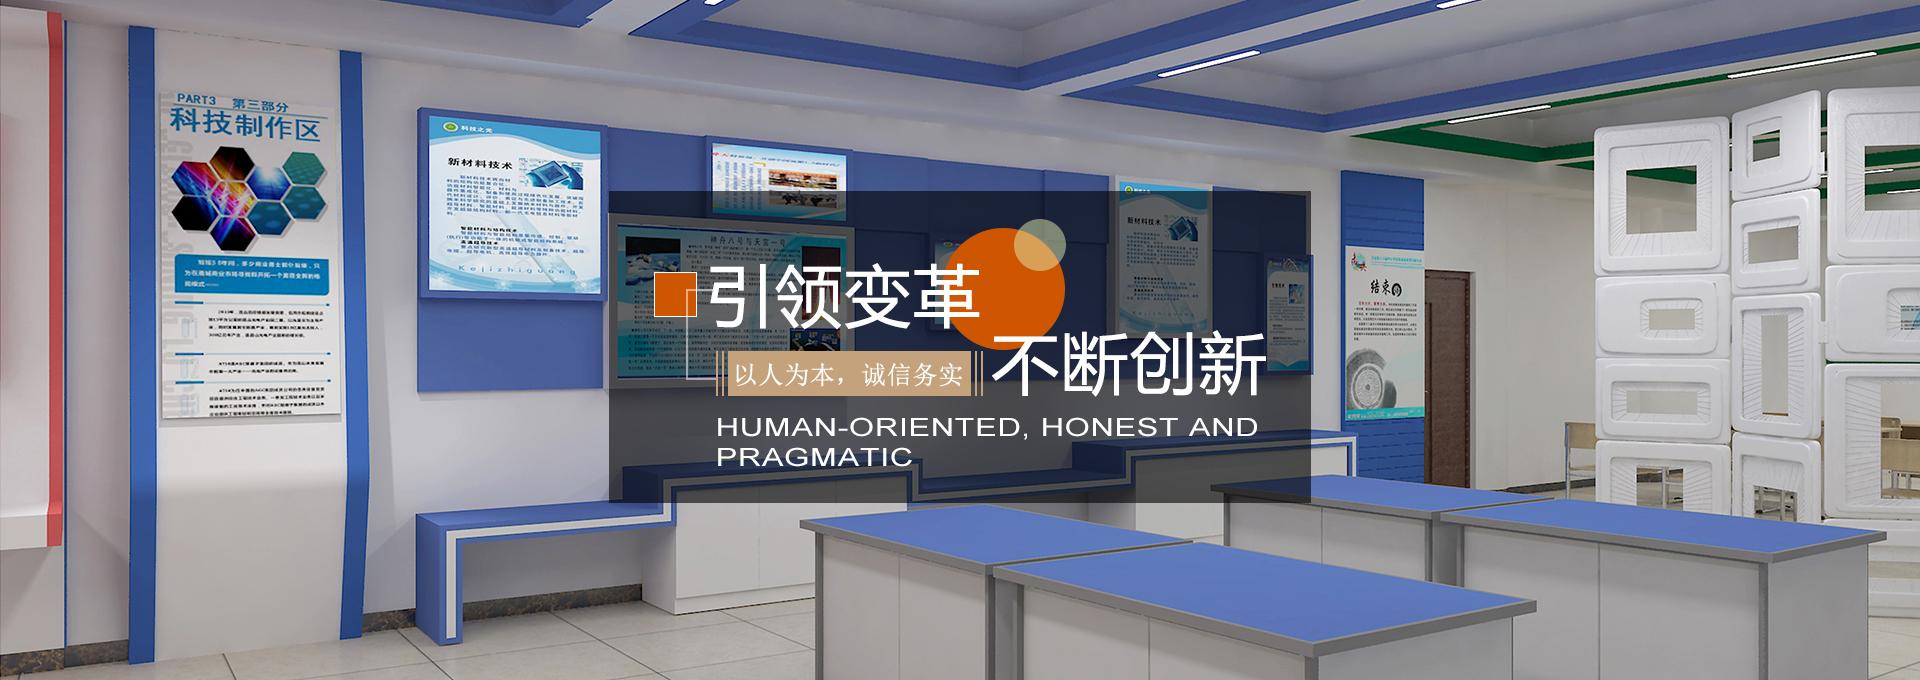 888大奖娱乐官网下载展览制作工厂